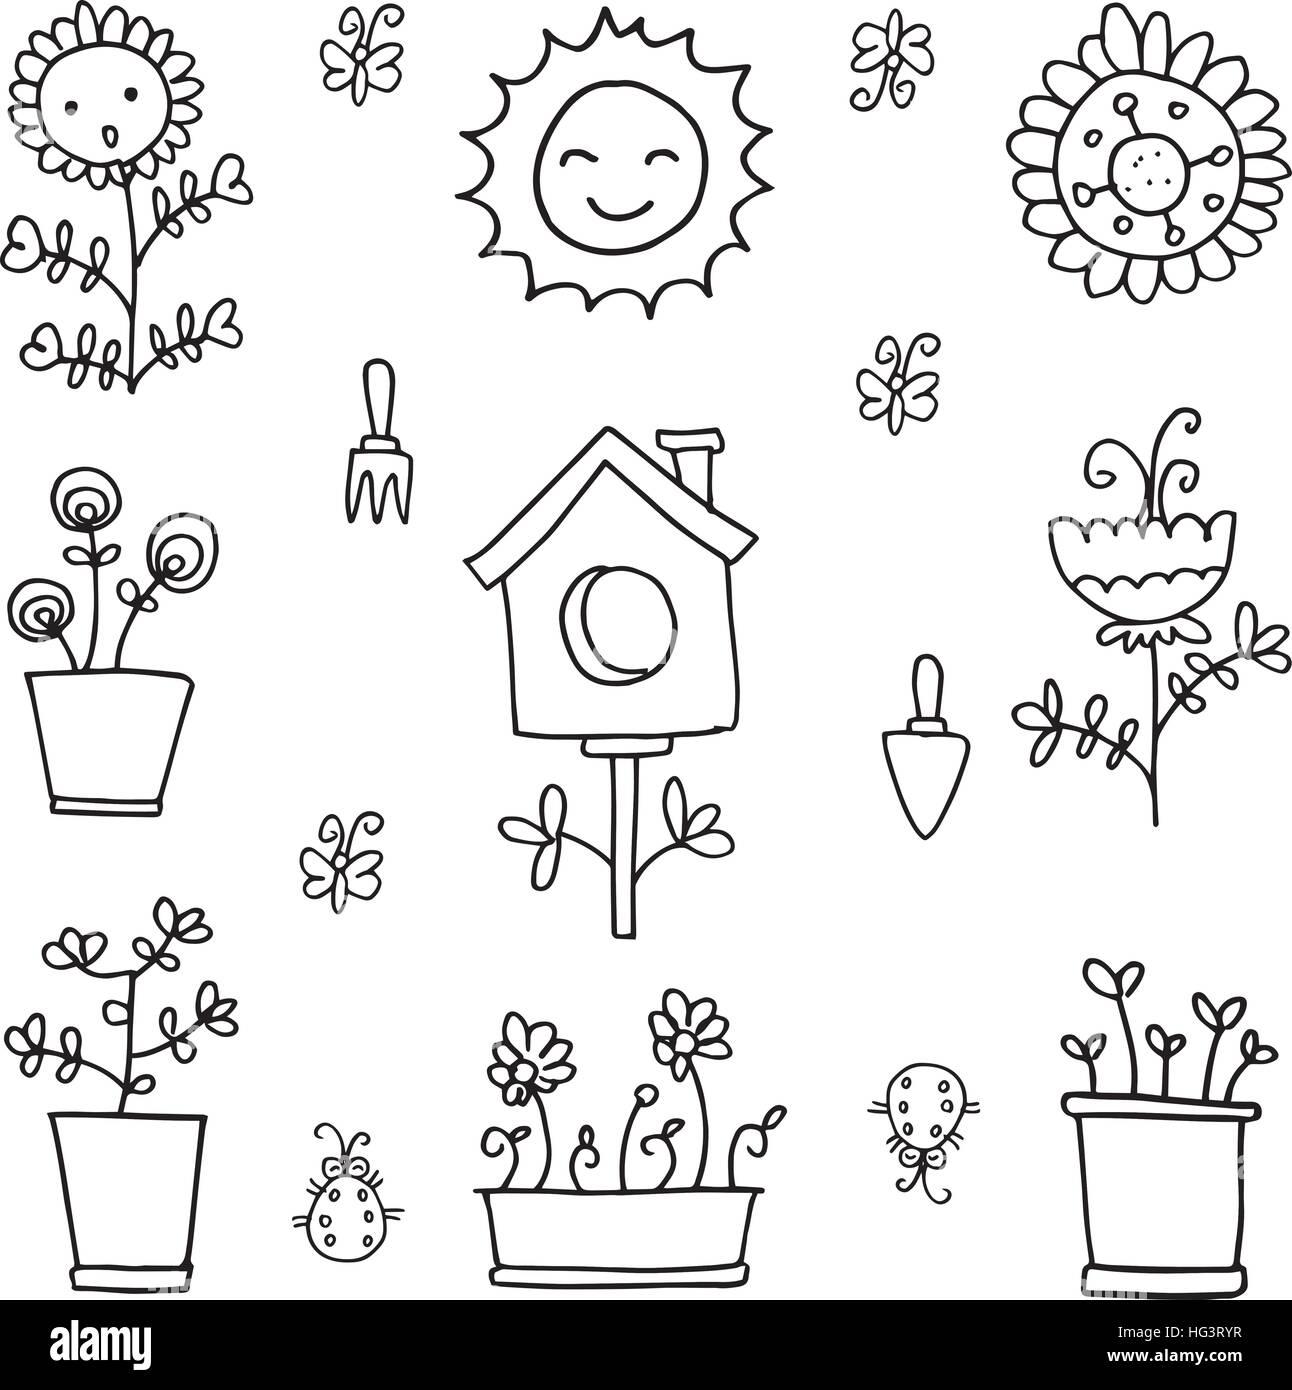 Doodle Fruhling Elements Mit Der Hand Zeichnen Vektor Abbildung